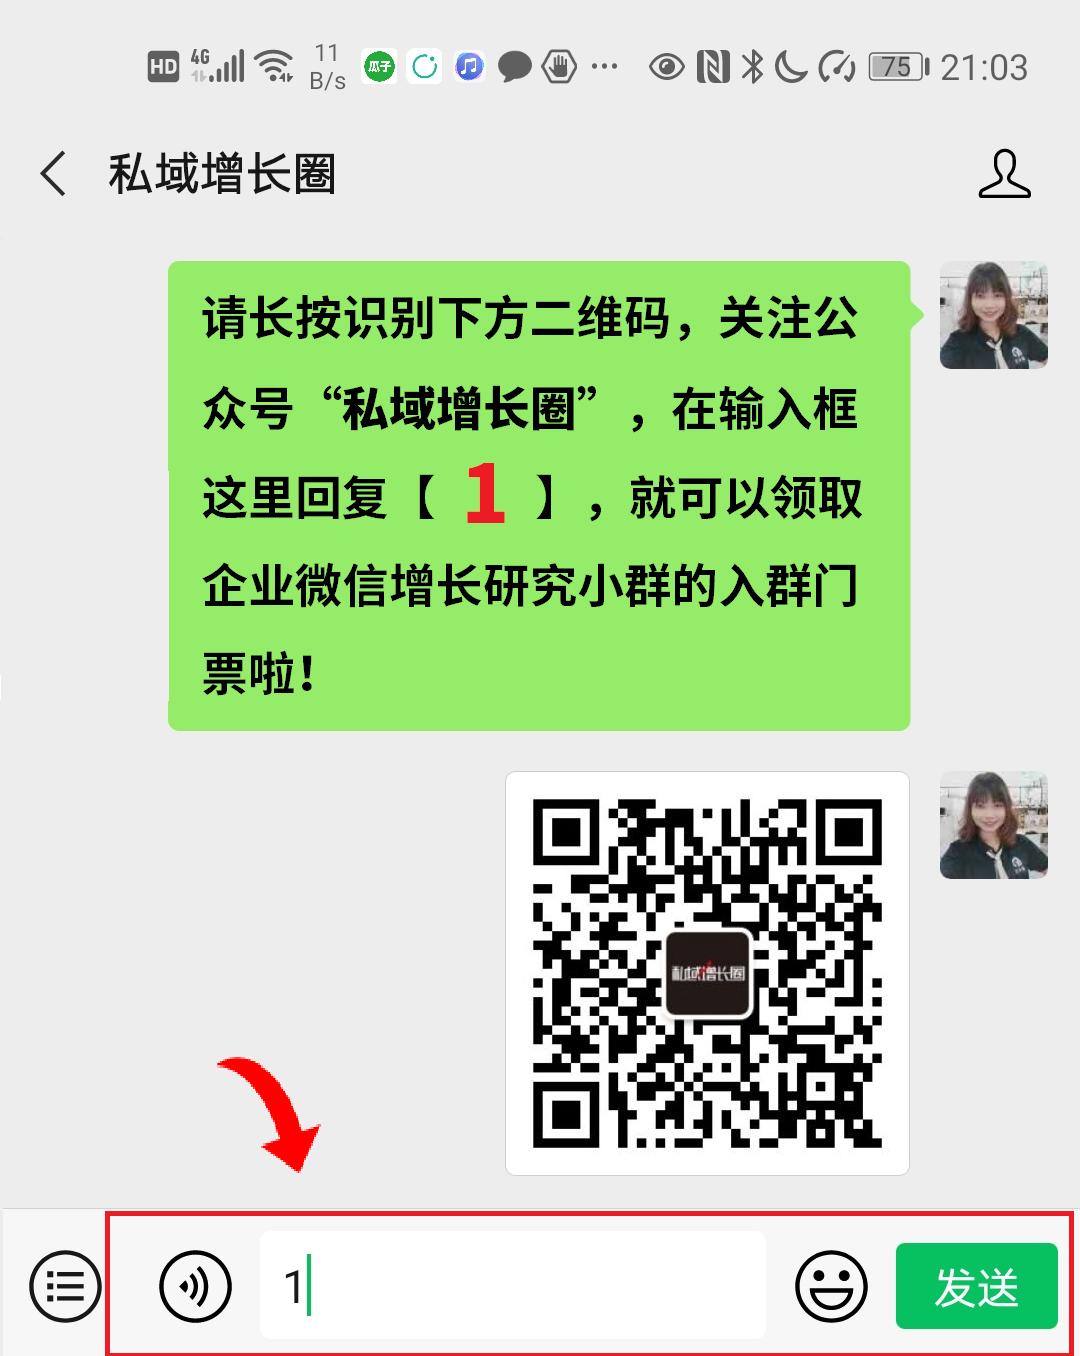 【案例拆解】乐凯撒是如何通过企业微信打造一套自动化运营体系的?